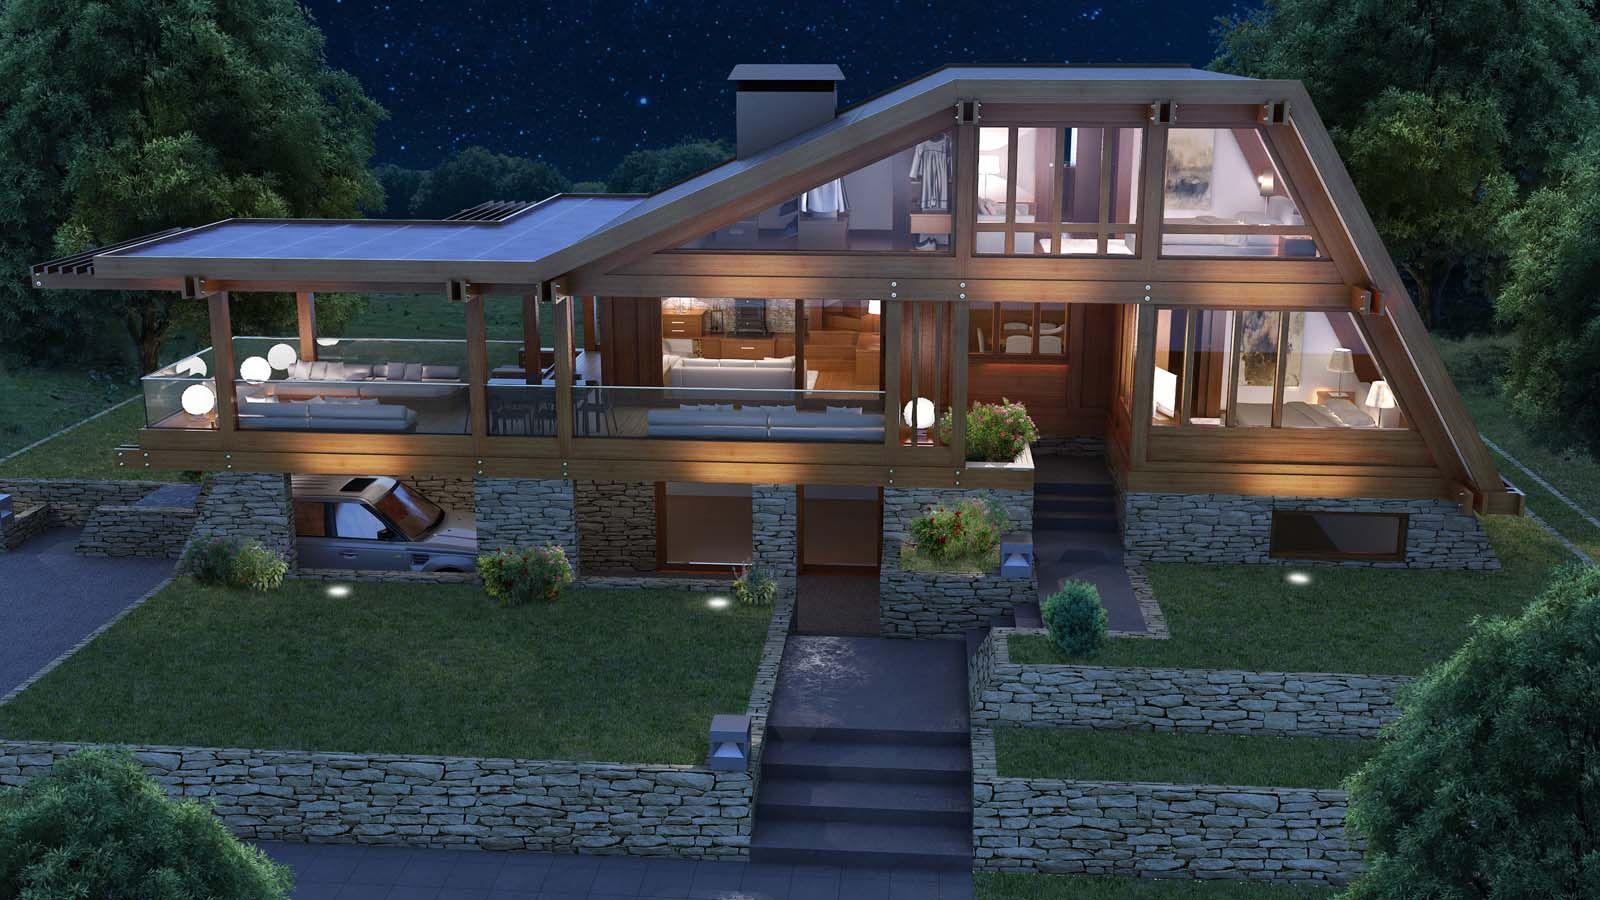 collezione case in legno pagano case di legno case